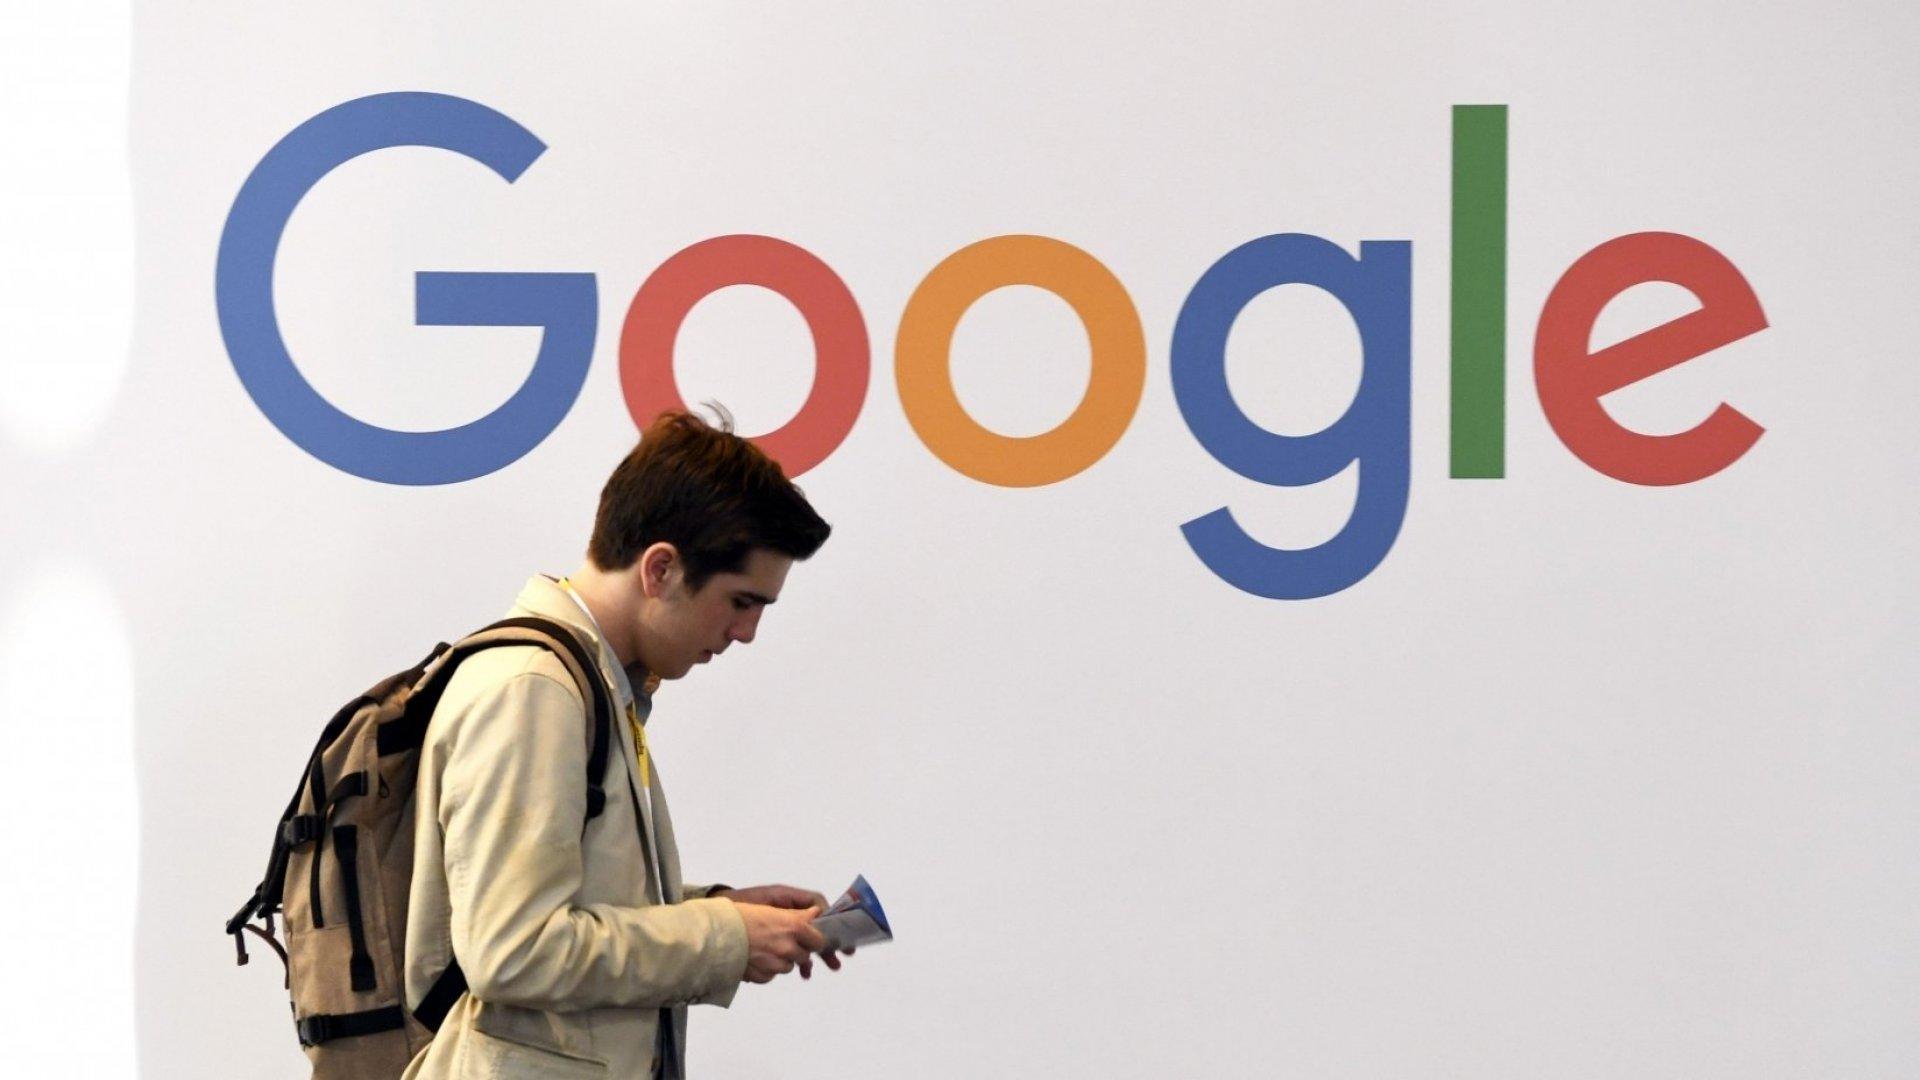 एप्पलको भन्दा २० गुणा बढी स्मार्टफोन प्रयोगकर्ताको डाटा गुगलले संकलन गर्नेः अध्ययन